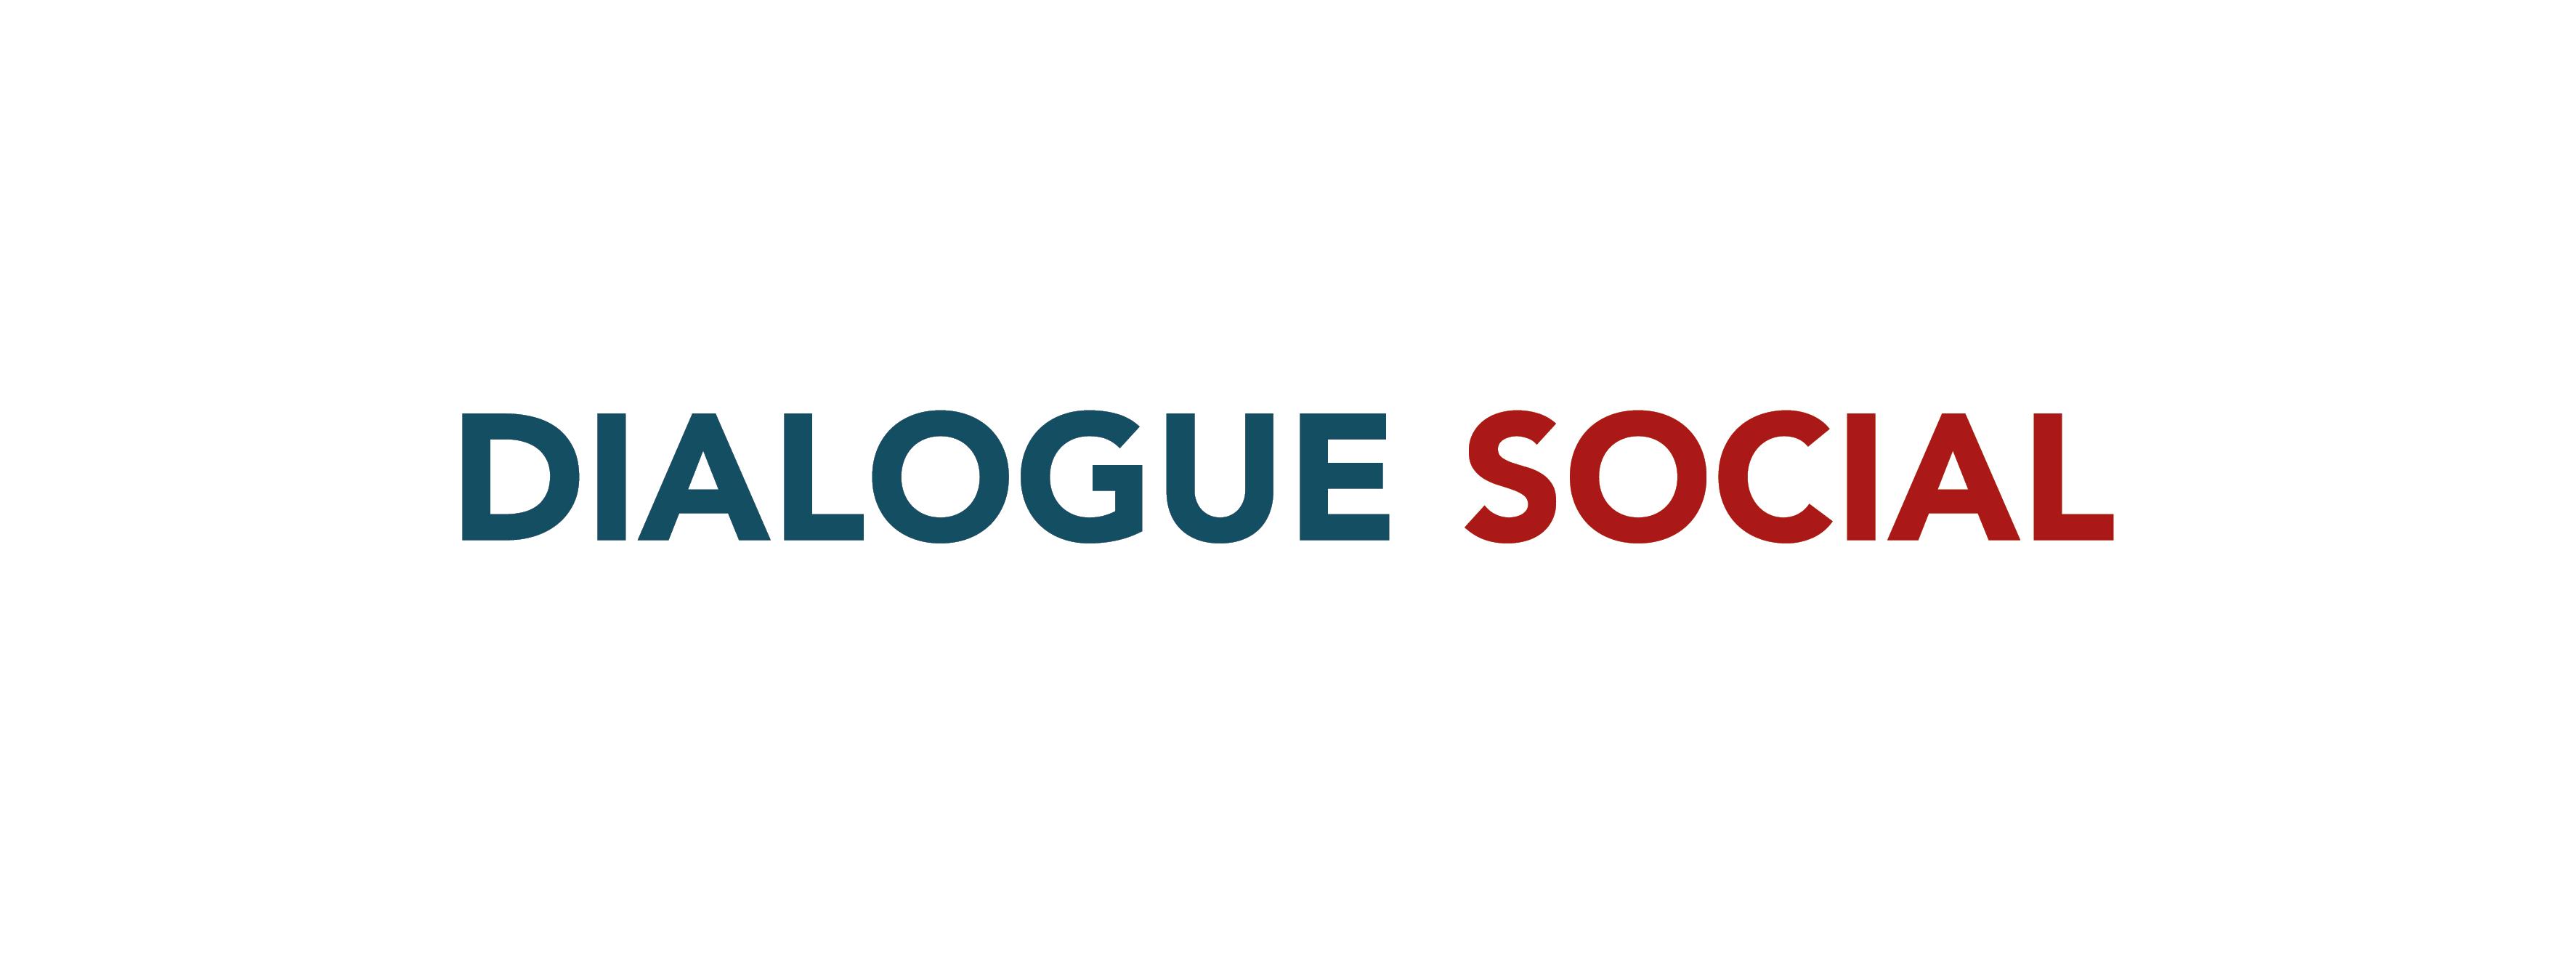 Action _ Dialogue social